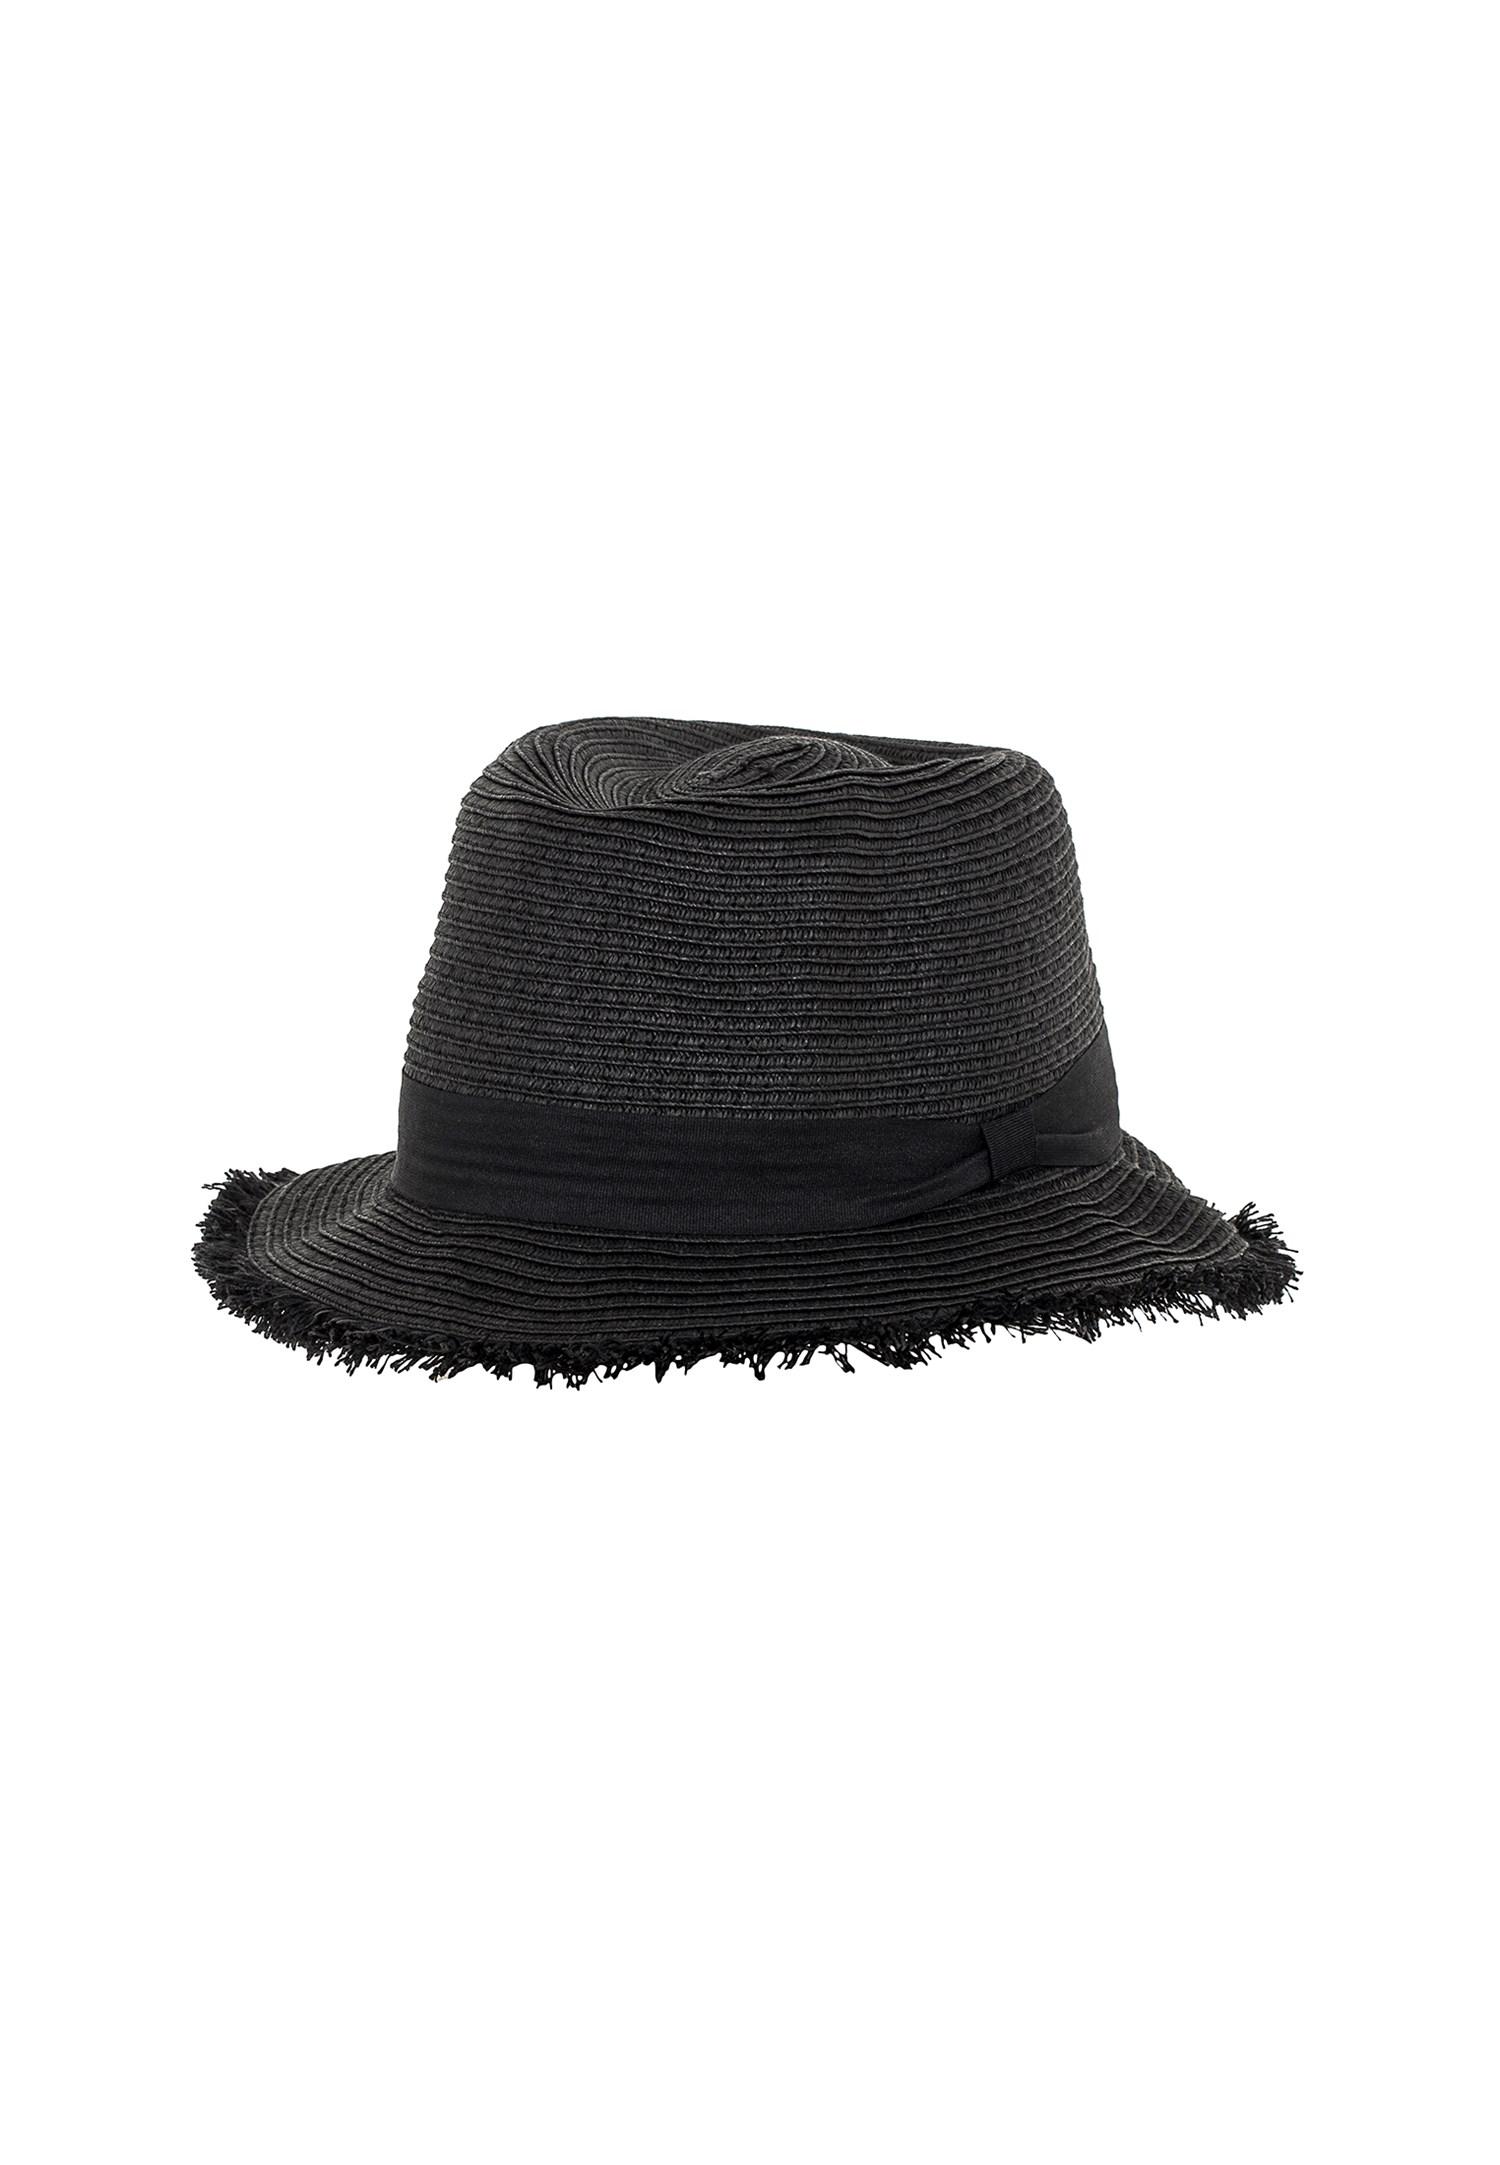 Bayan Siyah Şeritlı Hasır Şapka